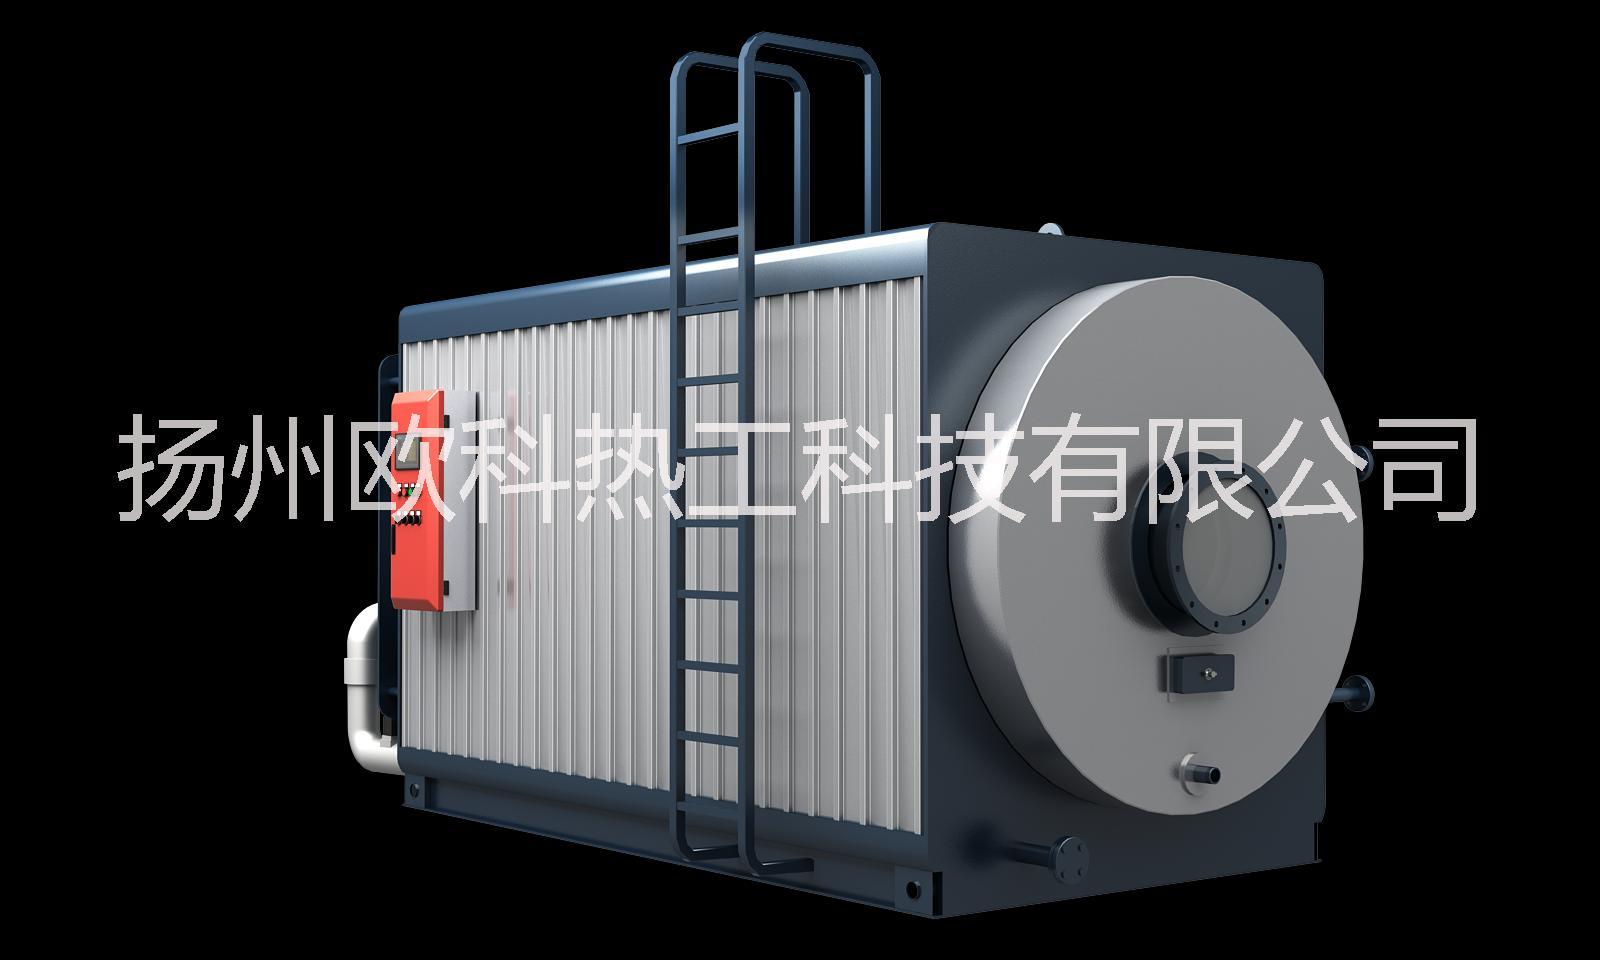 低氮燃气冷凝常压热水锅炉图片/低氮燃气冷凝常压热水锅炉样板图 (3)